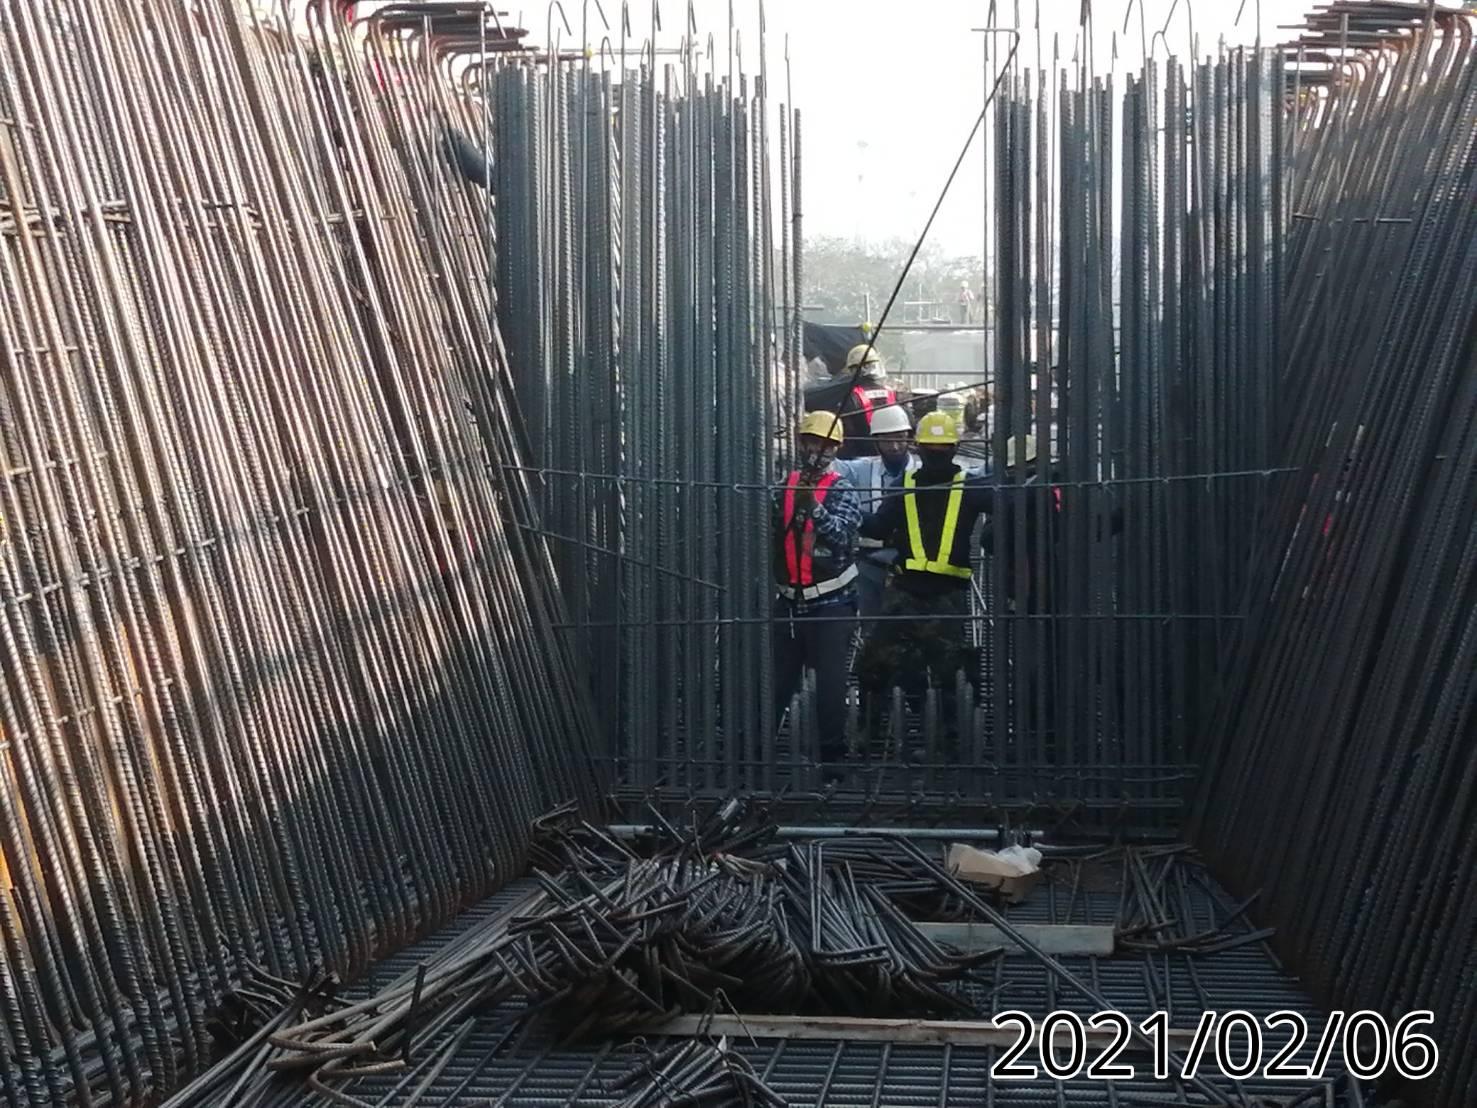 場撐段橋面板鋼筋綁紮組立作業.